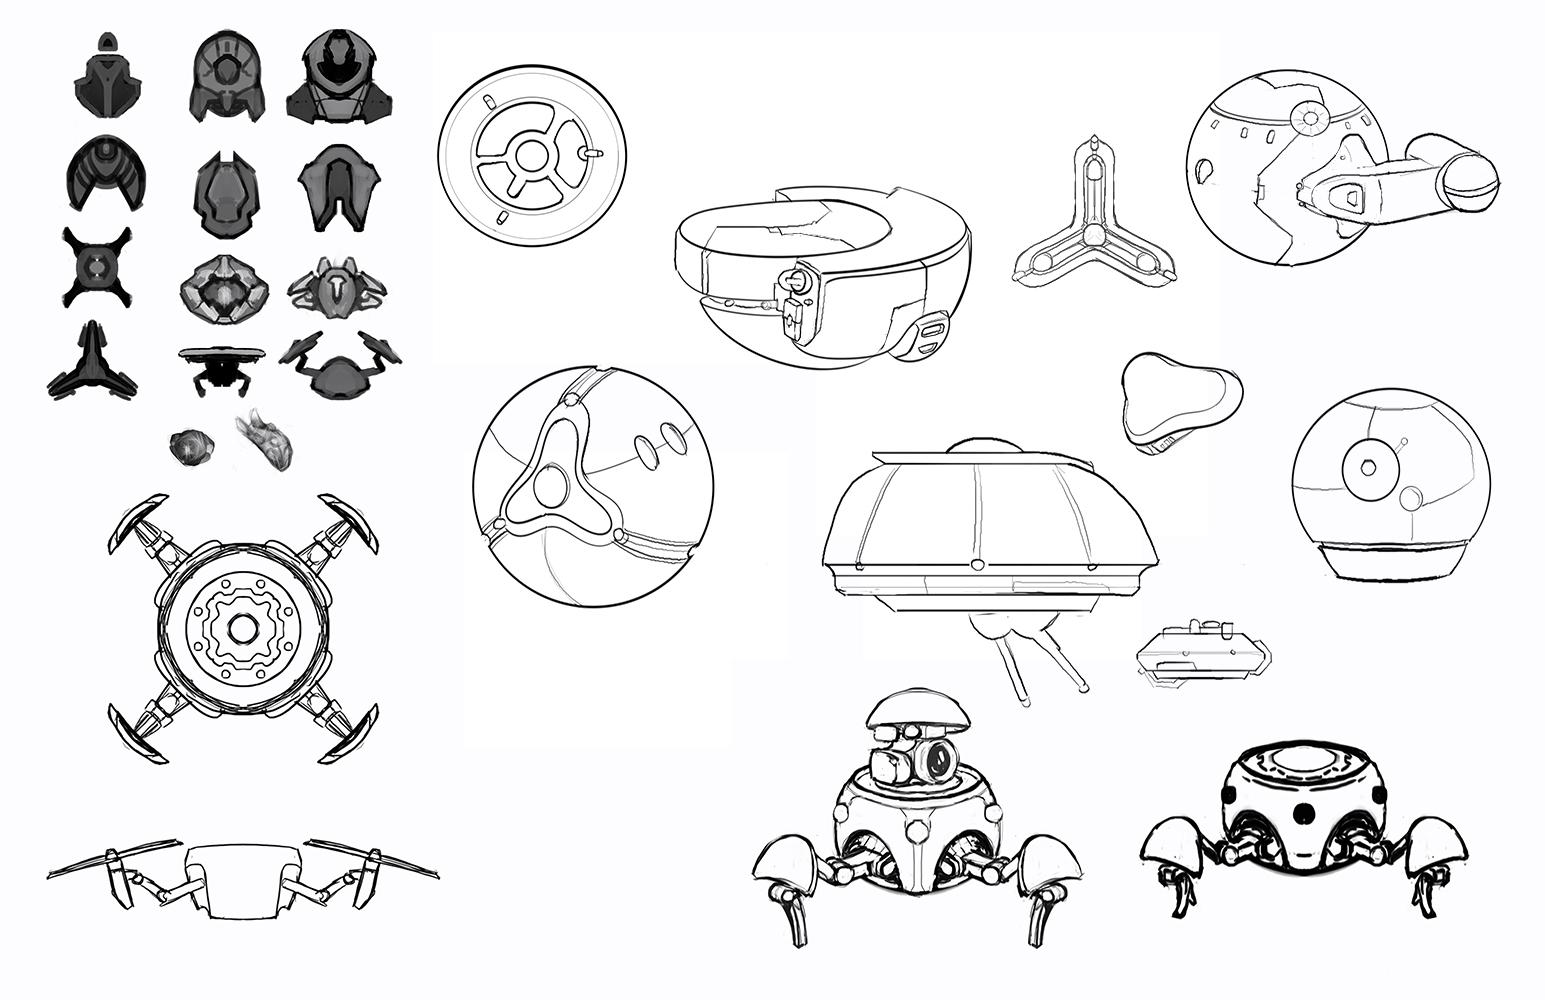 Recon_Drones3_181025.jpg